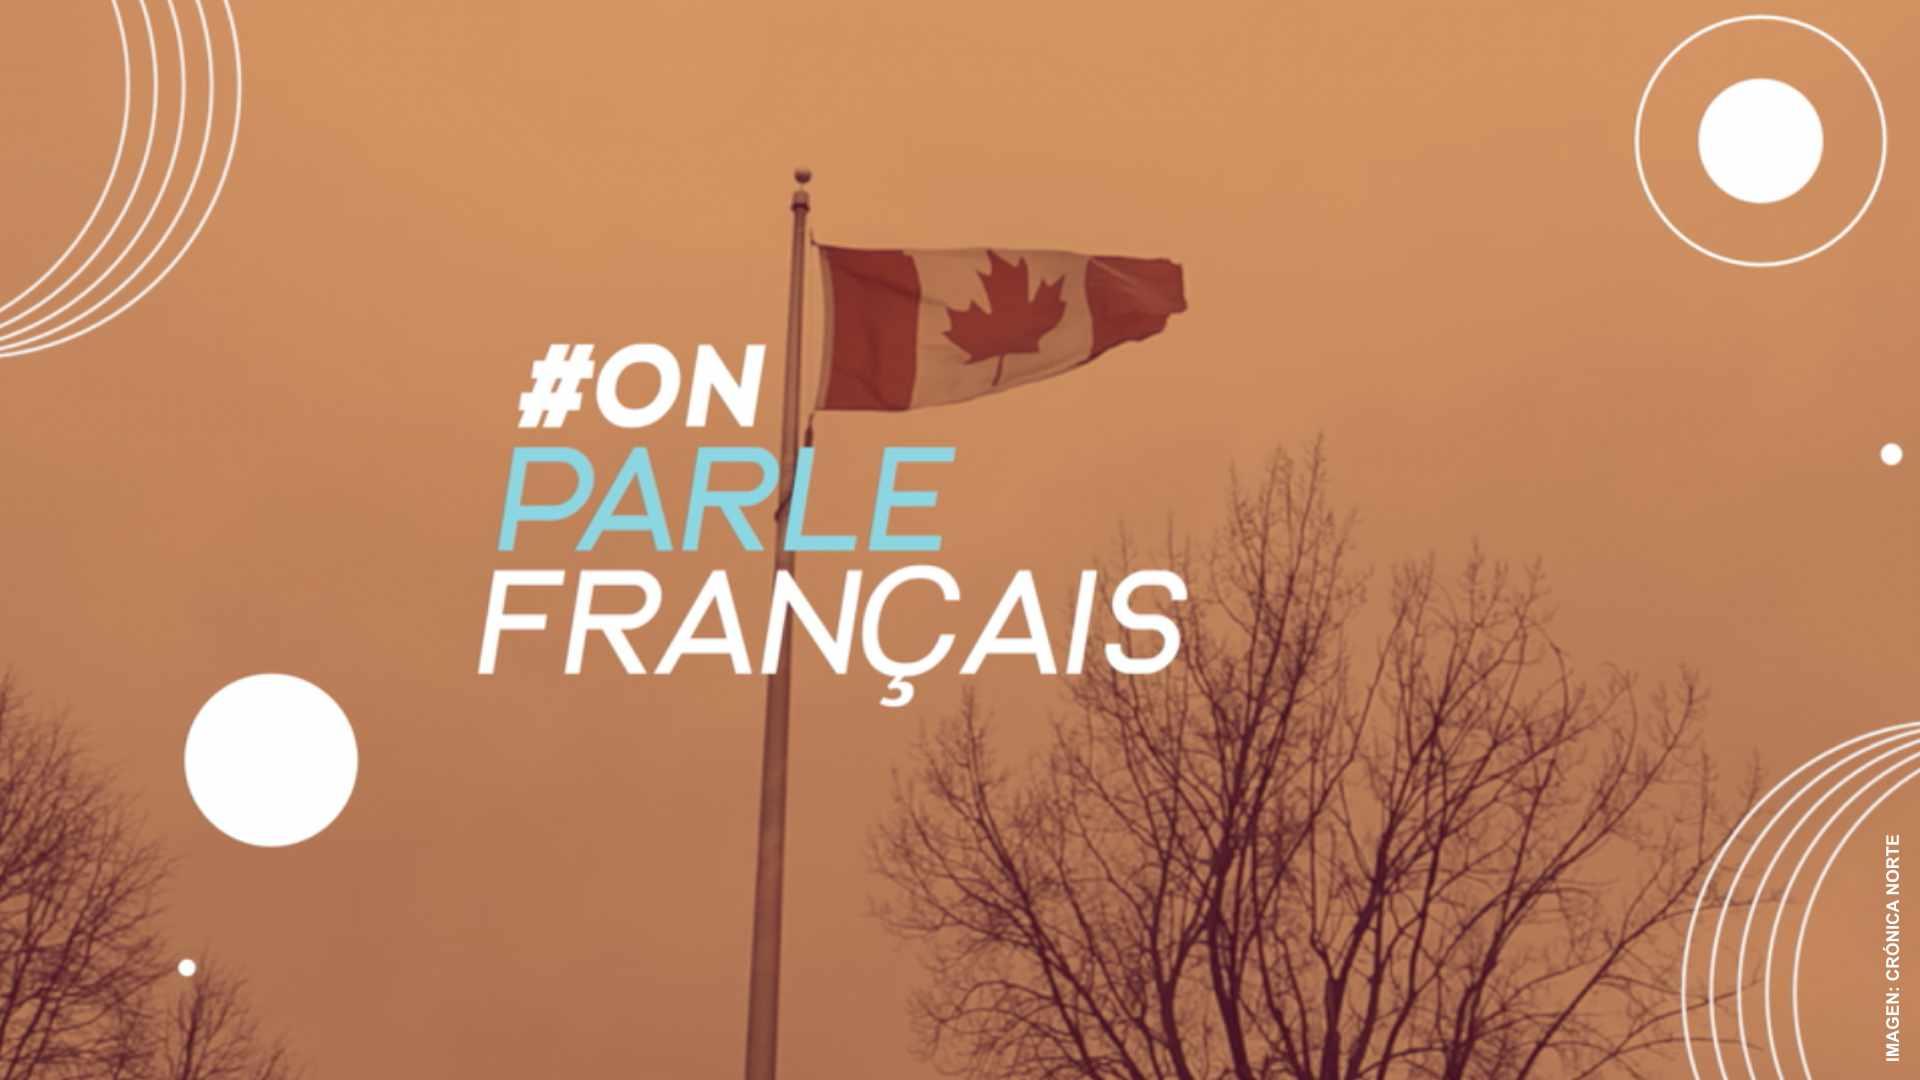 Quebec puede reformar Constitución canadiense, admiten